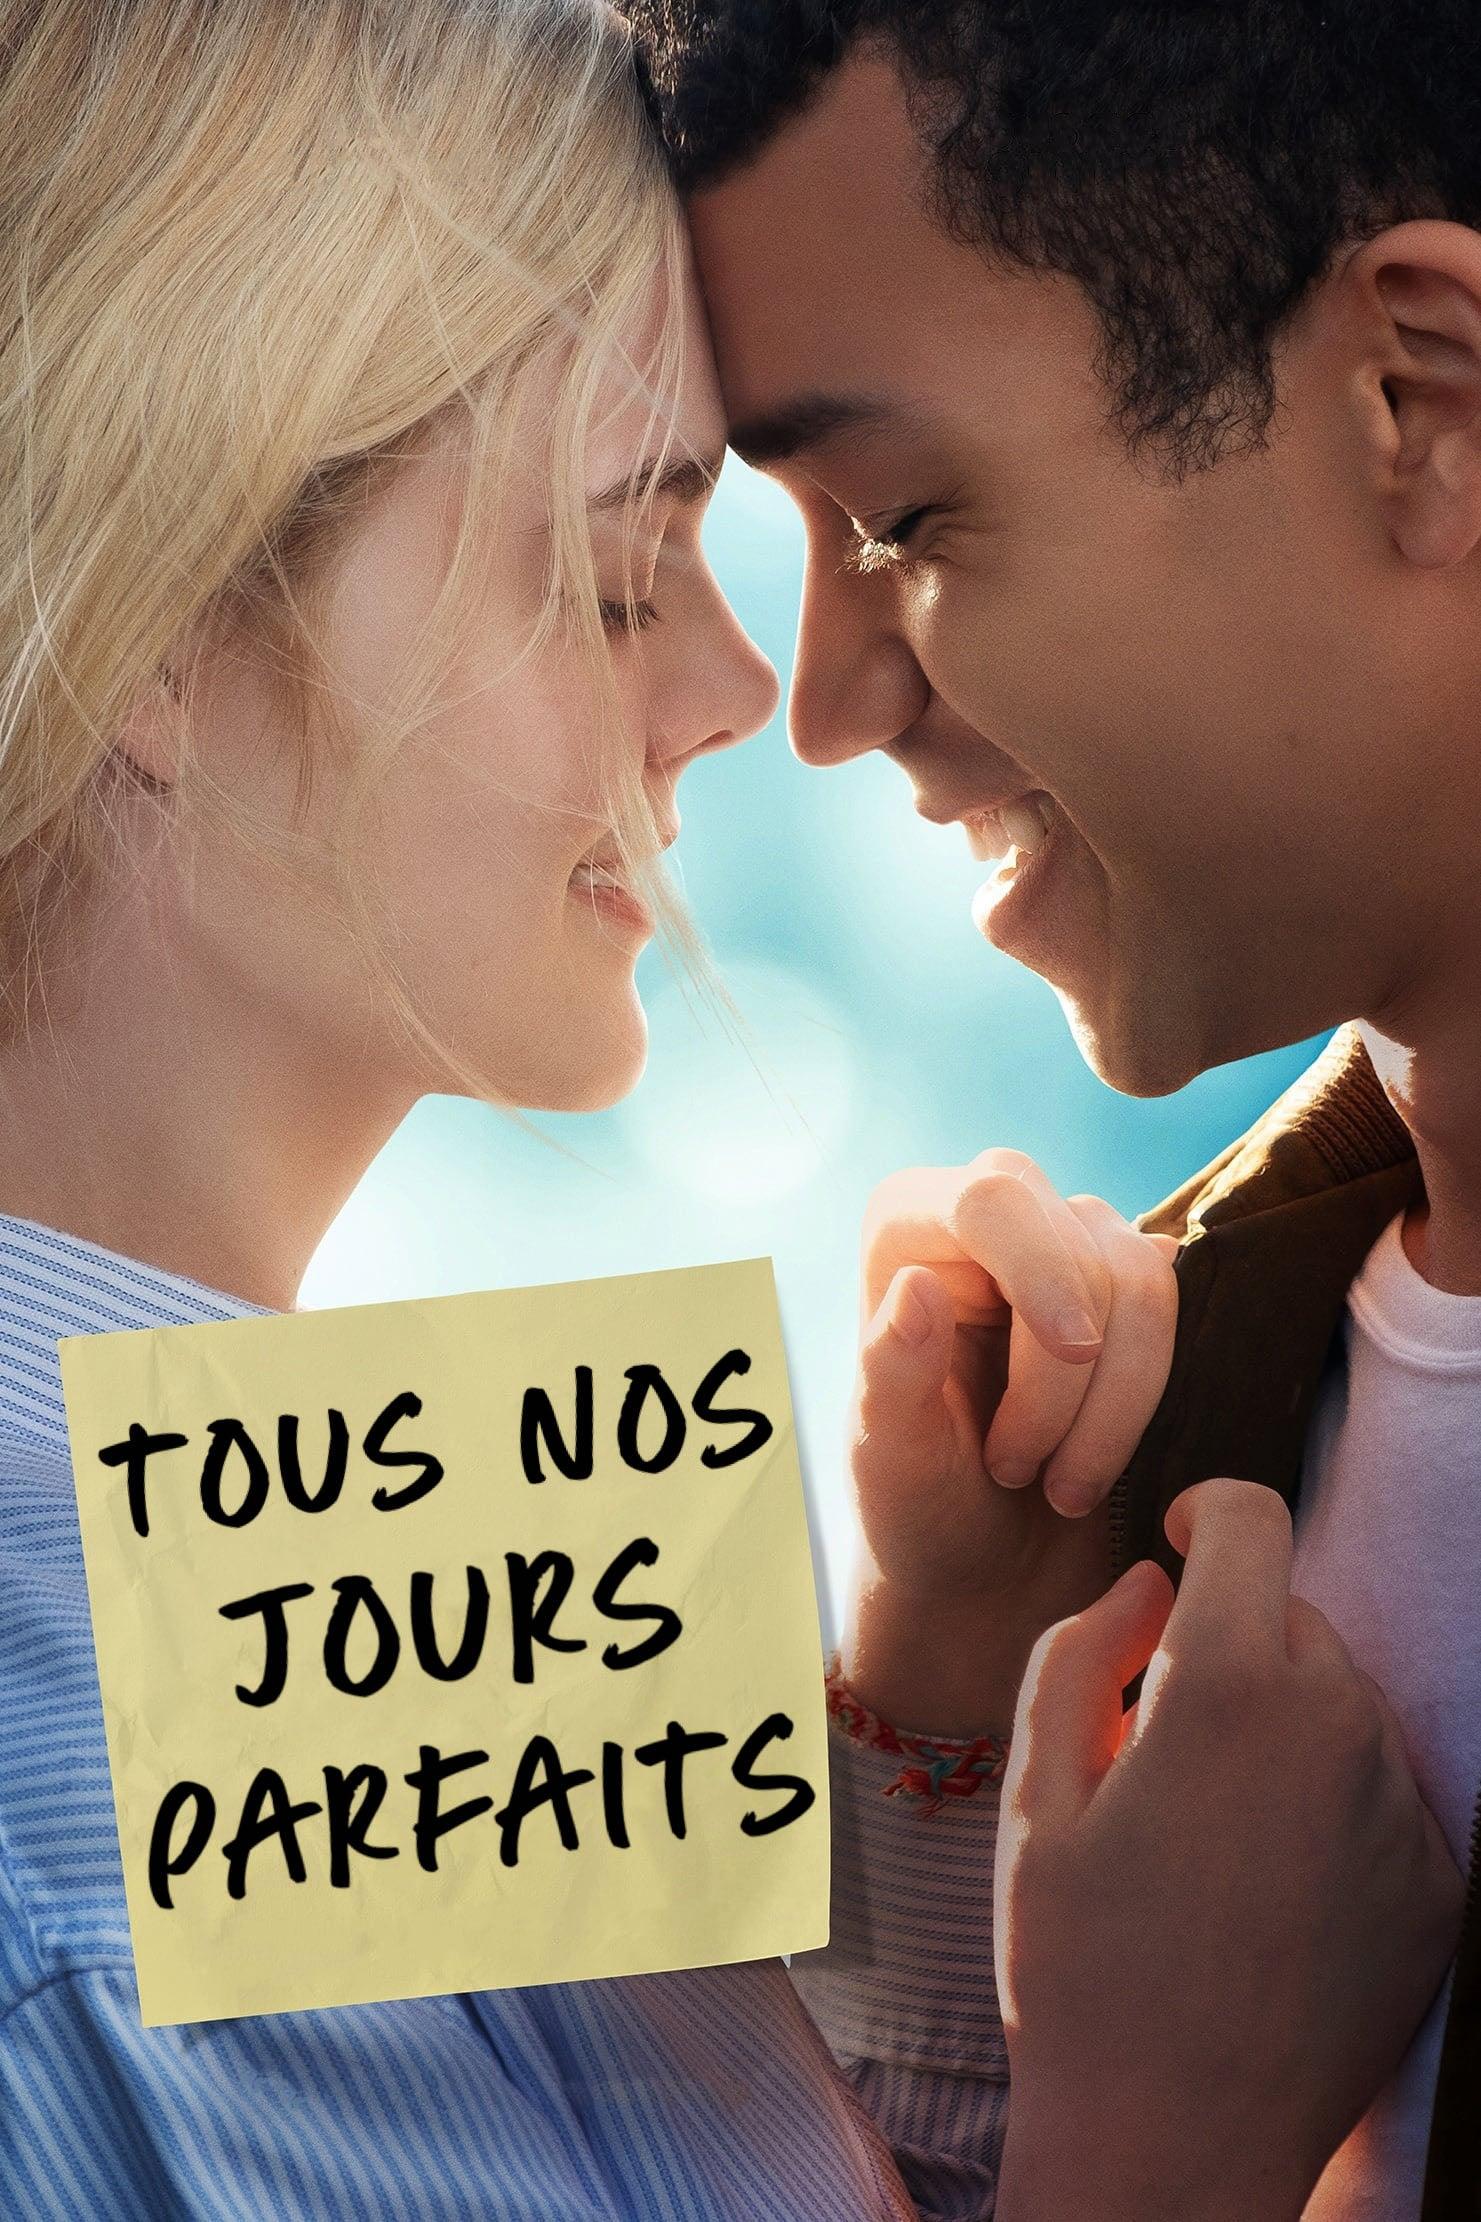 Tous Nos Jours Parfaits Film : jours, parfaits, Jours, Parfaits, (film), Instants, Volés